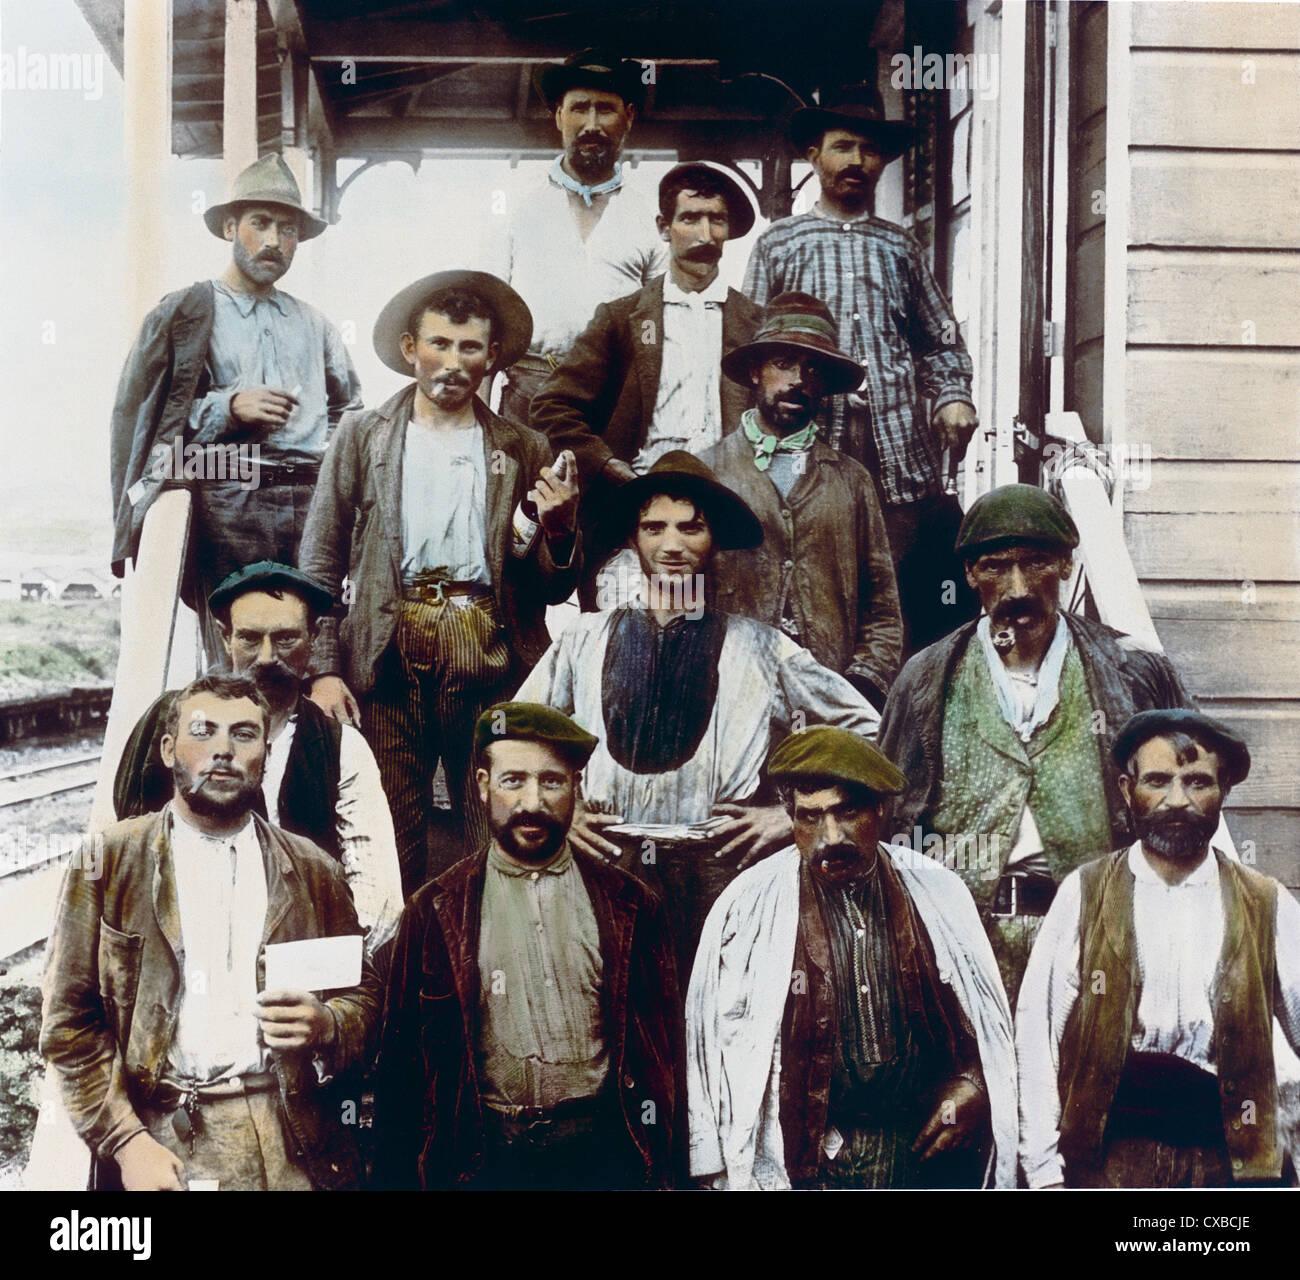 Los trabajadores de la construcción en español, el Canal de Panamá, Panamá, 1912 Imagen De Stock